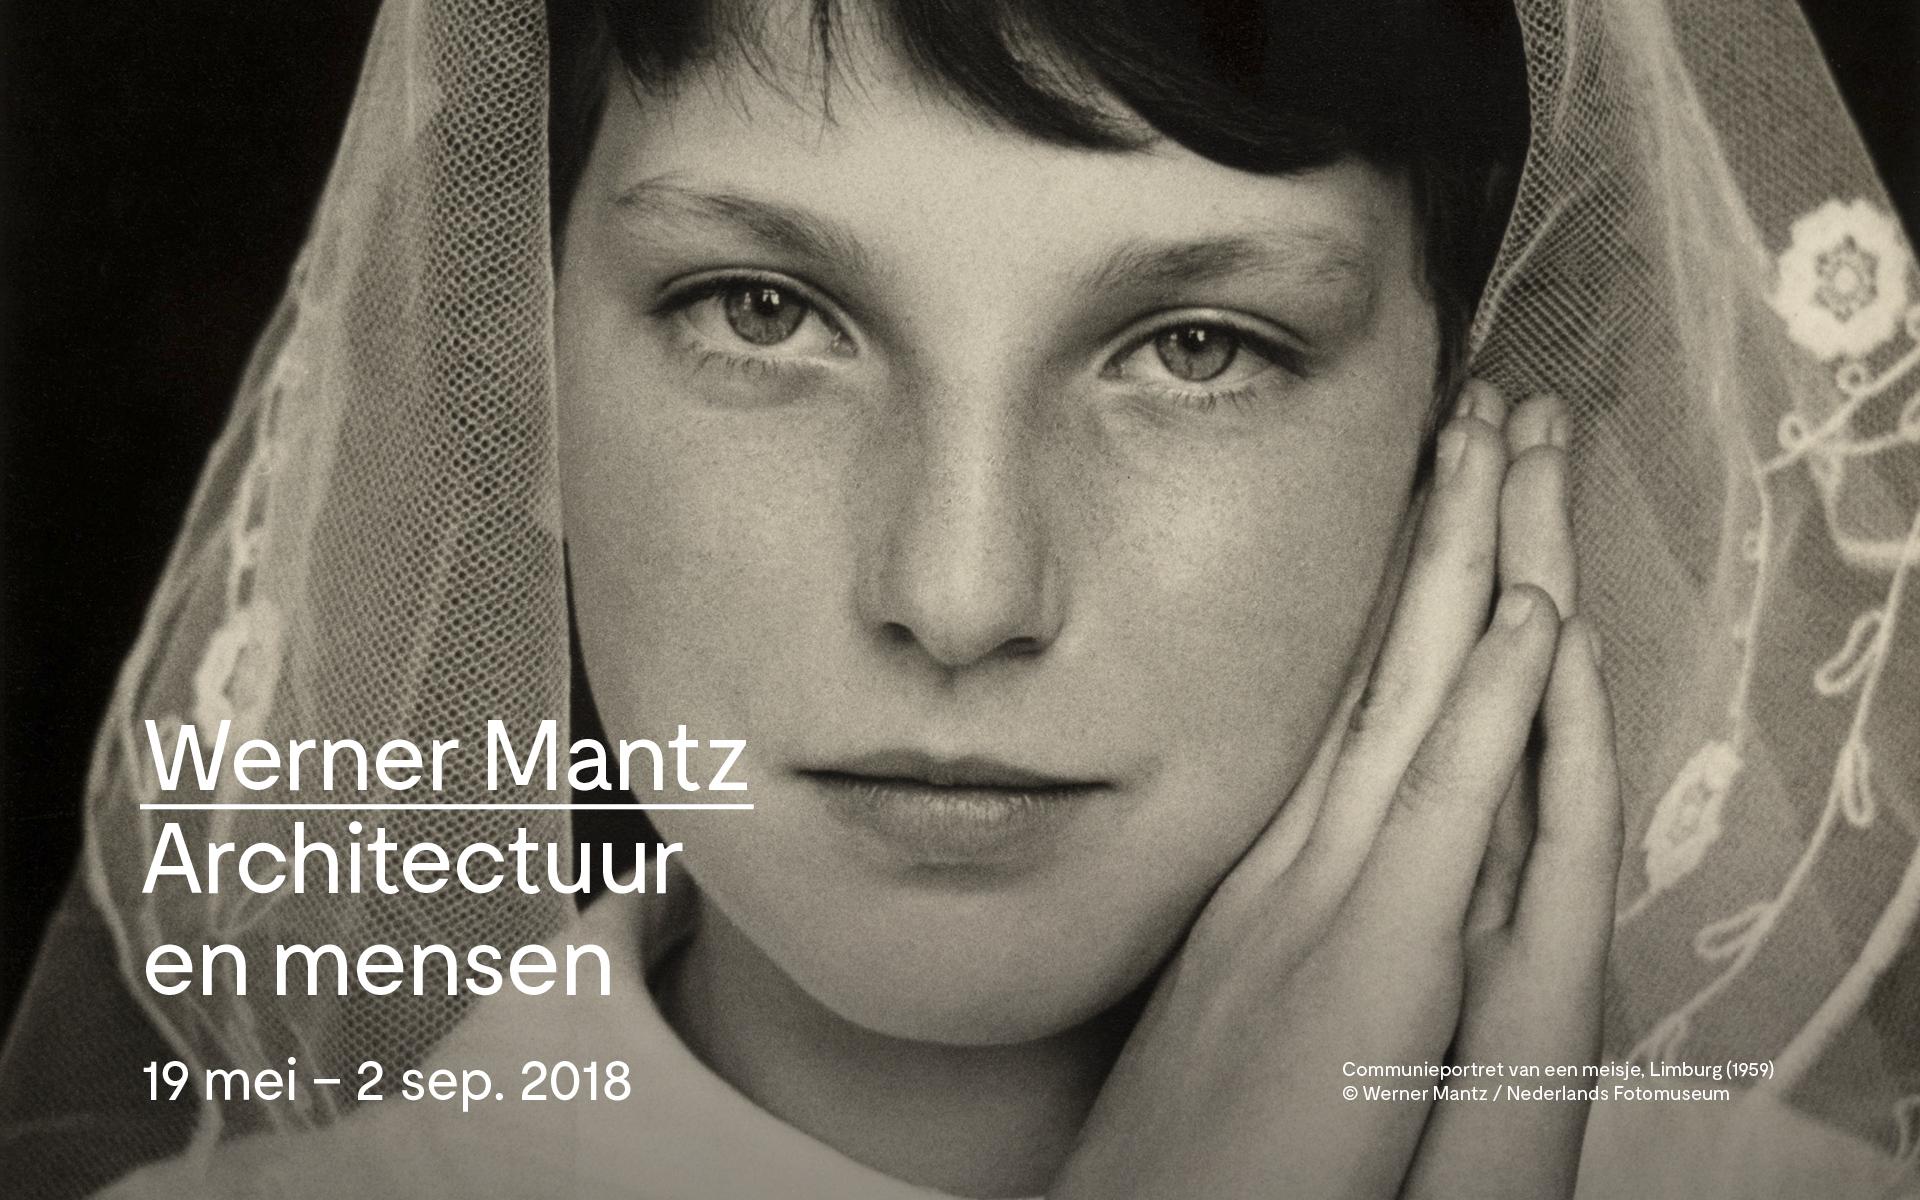 werner-mantz-architectuur-en-mensen